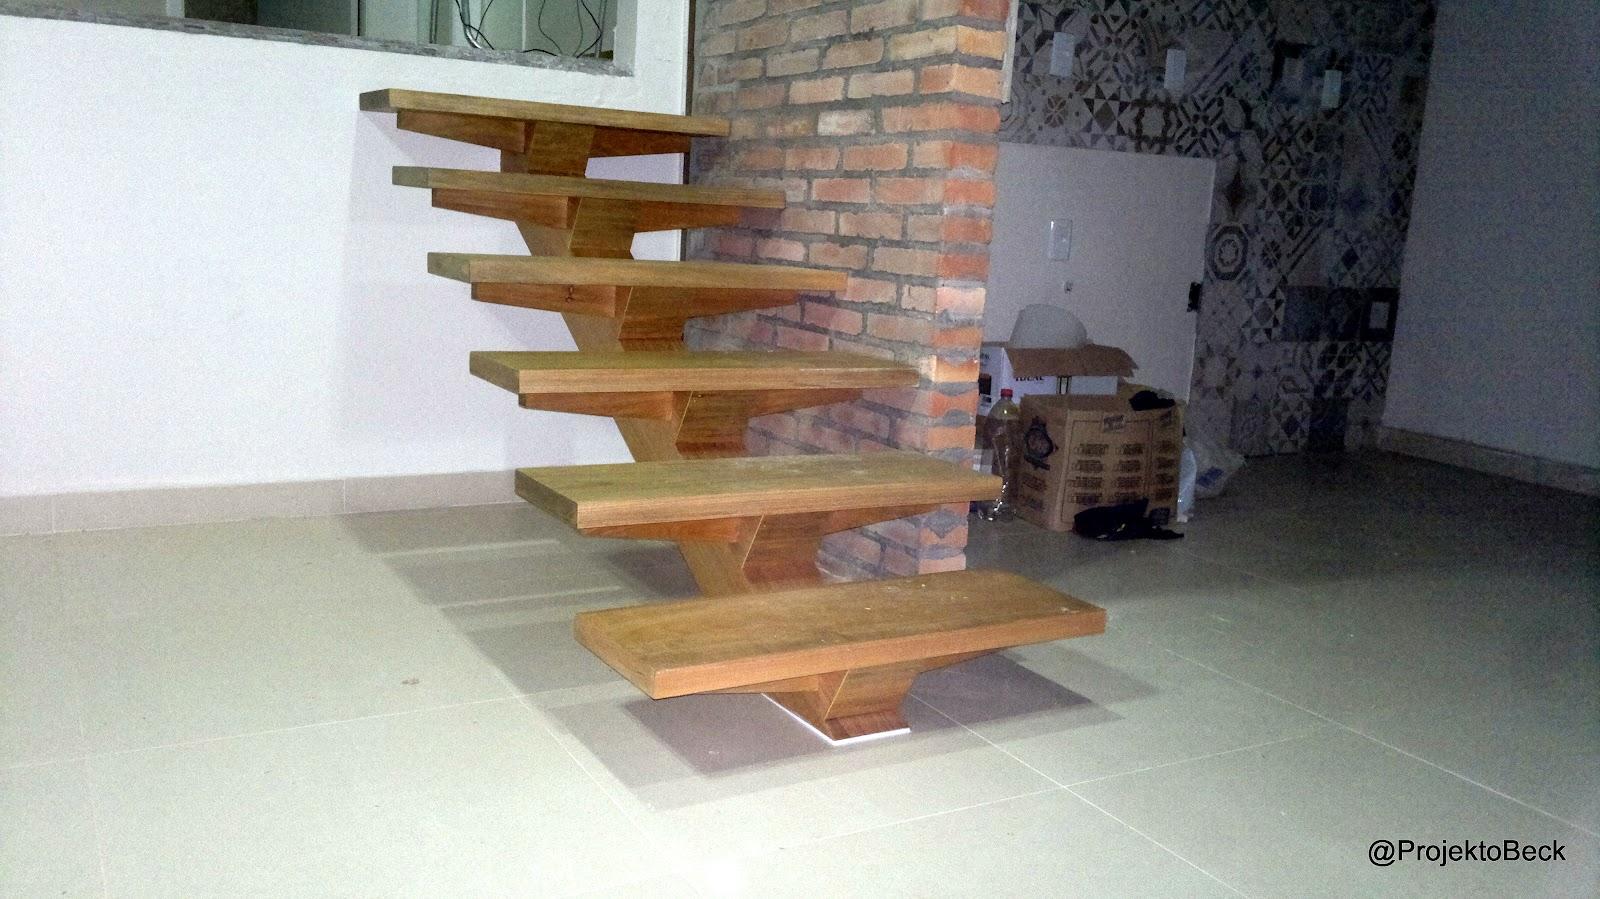 ocultas na madeira e fazem parecer que a escada está fixa como que  #694629 1600x899